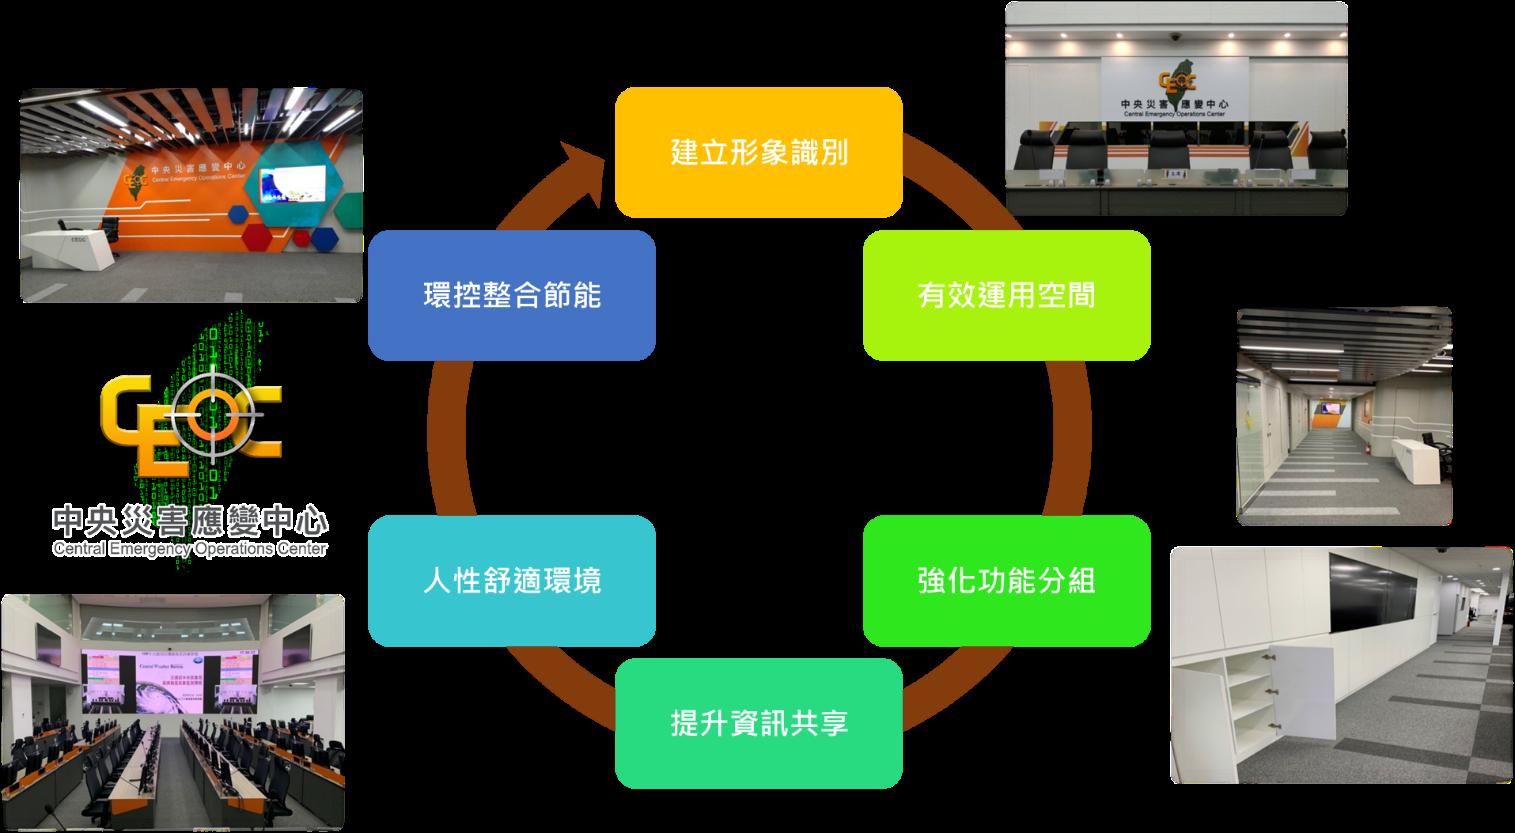 中央災害應變中心簡介